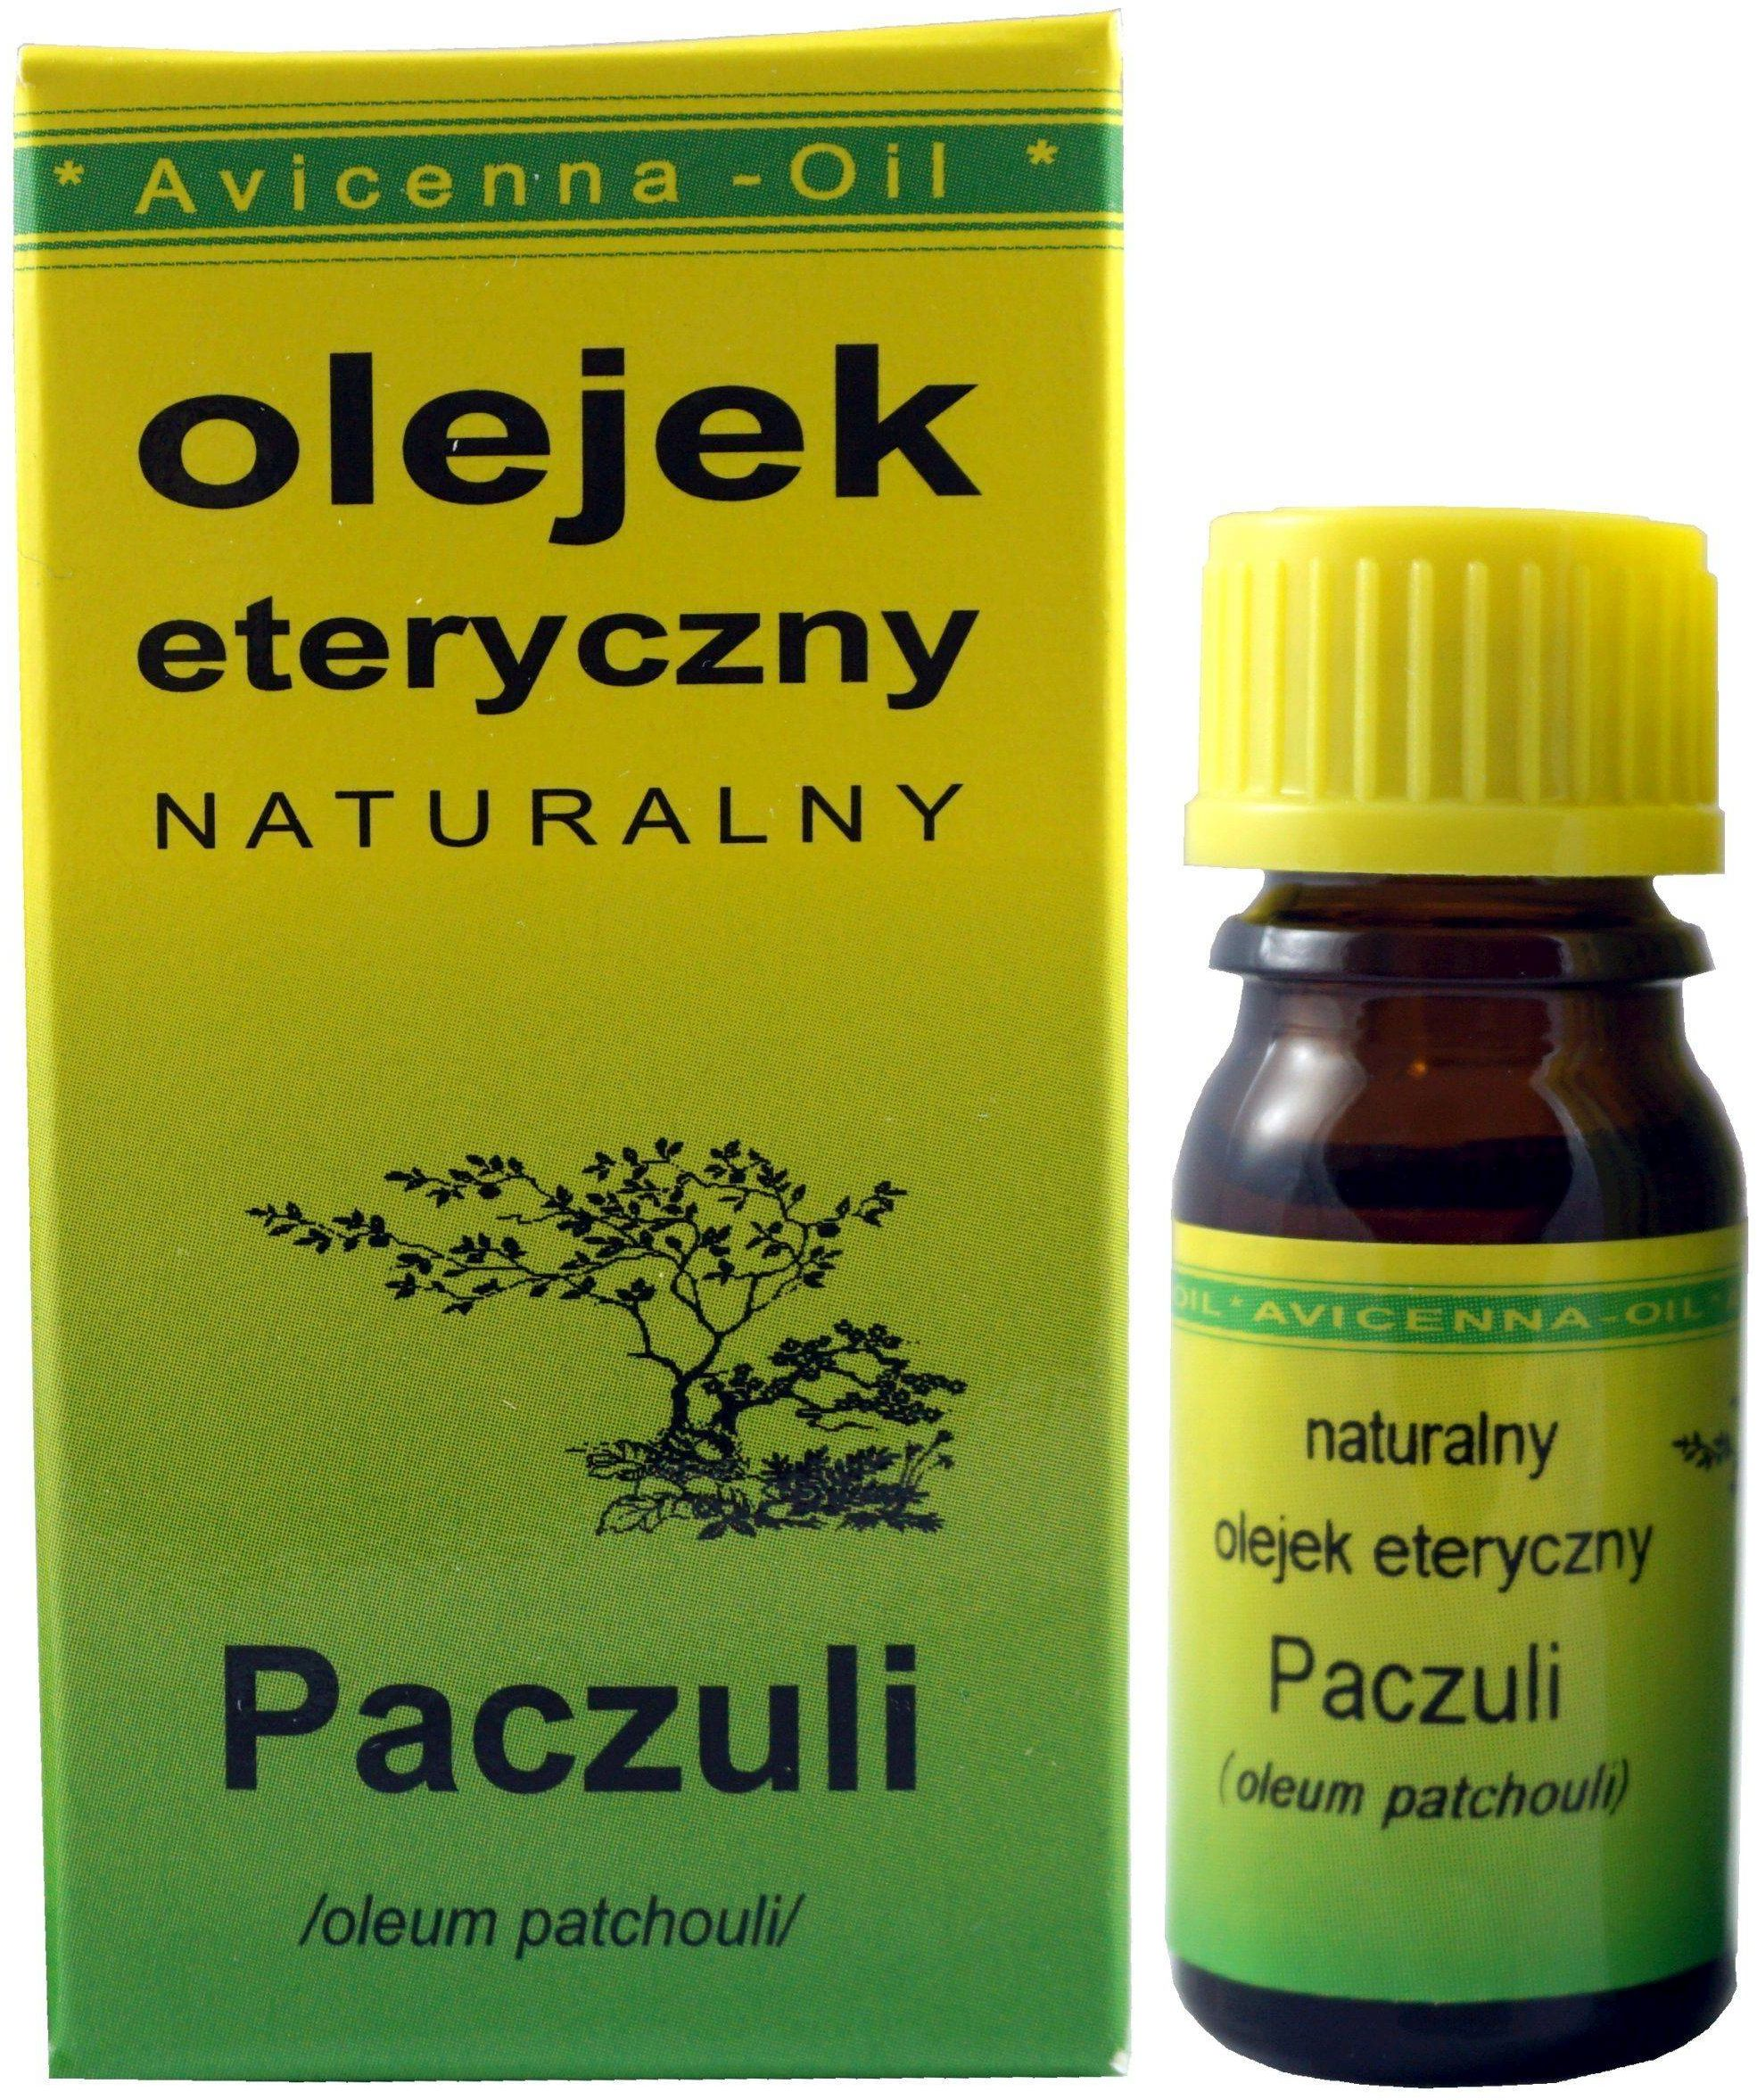 Olejek eteryczny Paczula - 7ml - Avicenna Oil